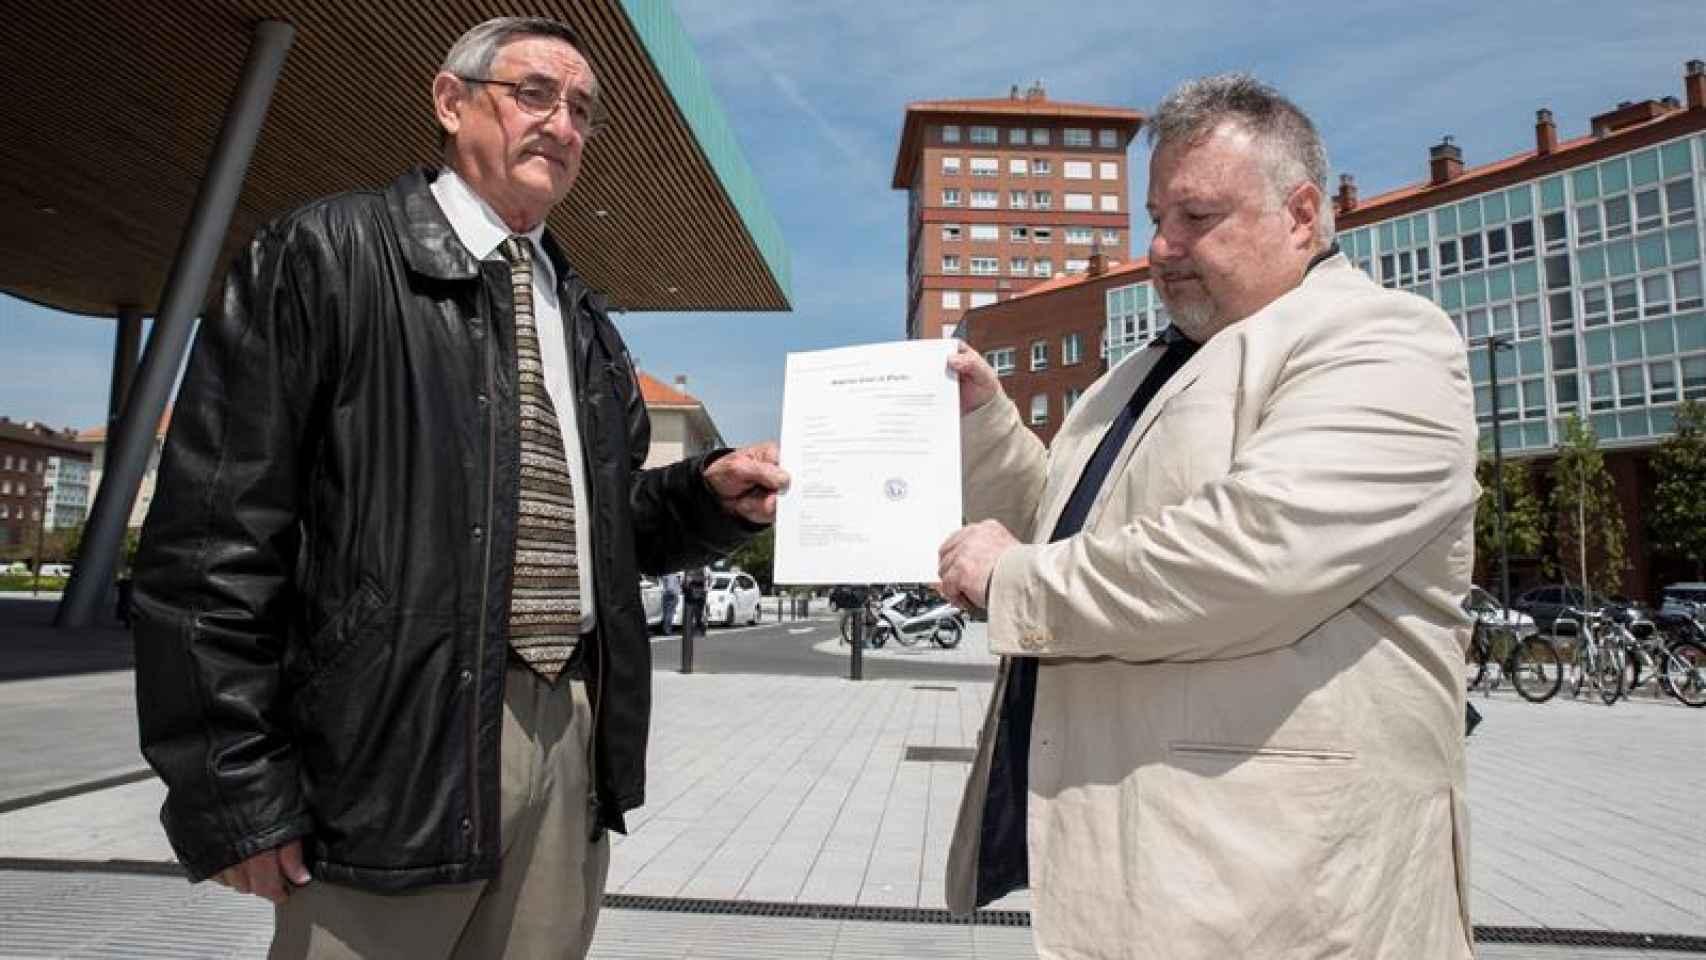 Cándido Ibar, padre de Pablo, y Andrés Krakenberger, portavoz de la asociación Pablo Ibar.